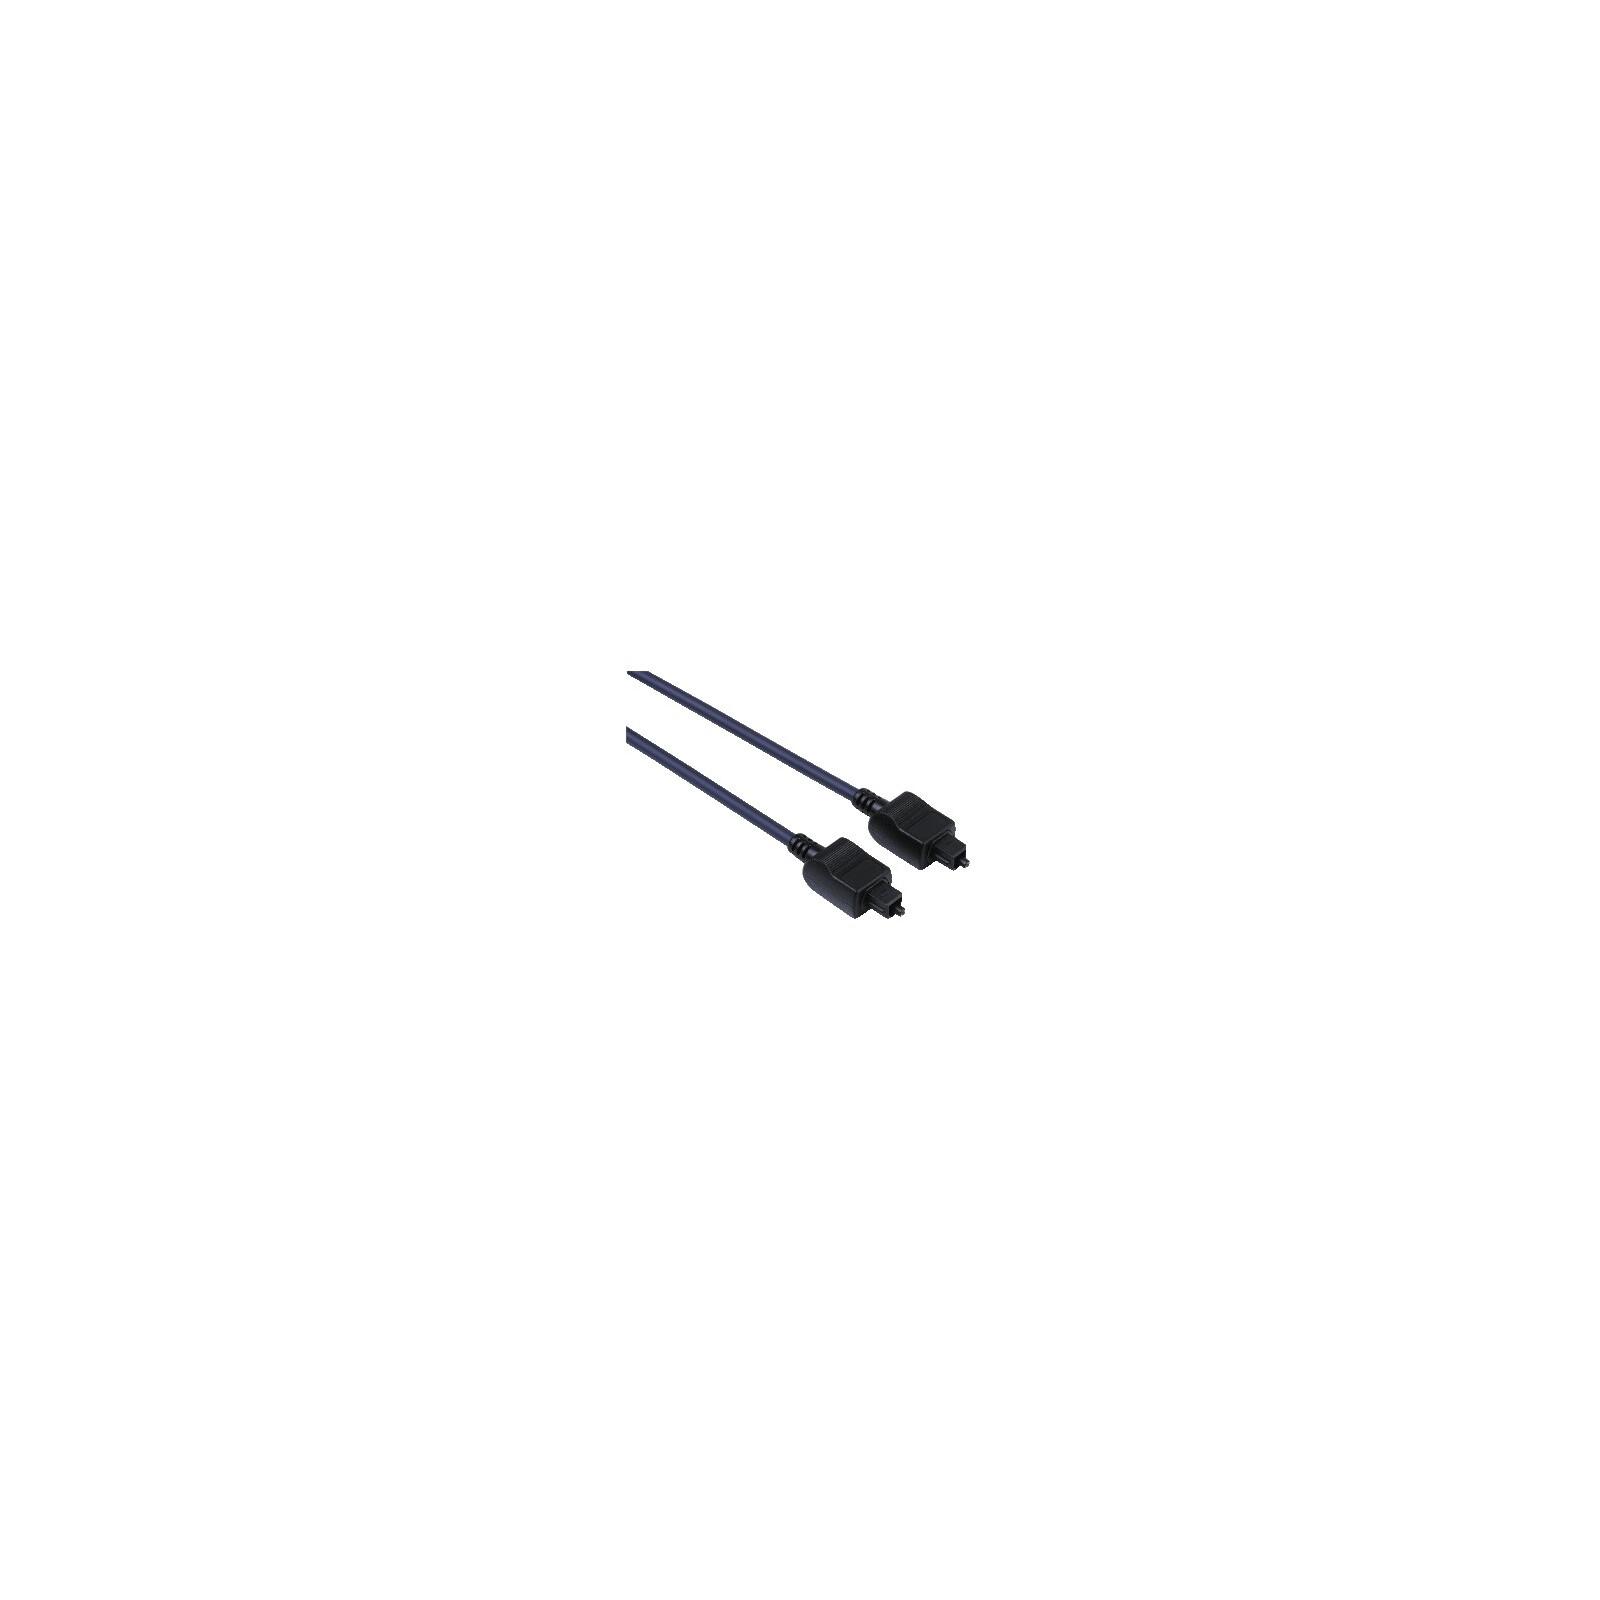 Hama 42927 Audio-Lichtleiter-Kabel ODT-Stecker (Toslink), 1,